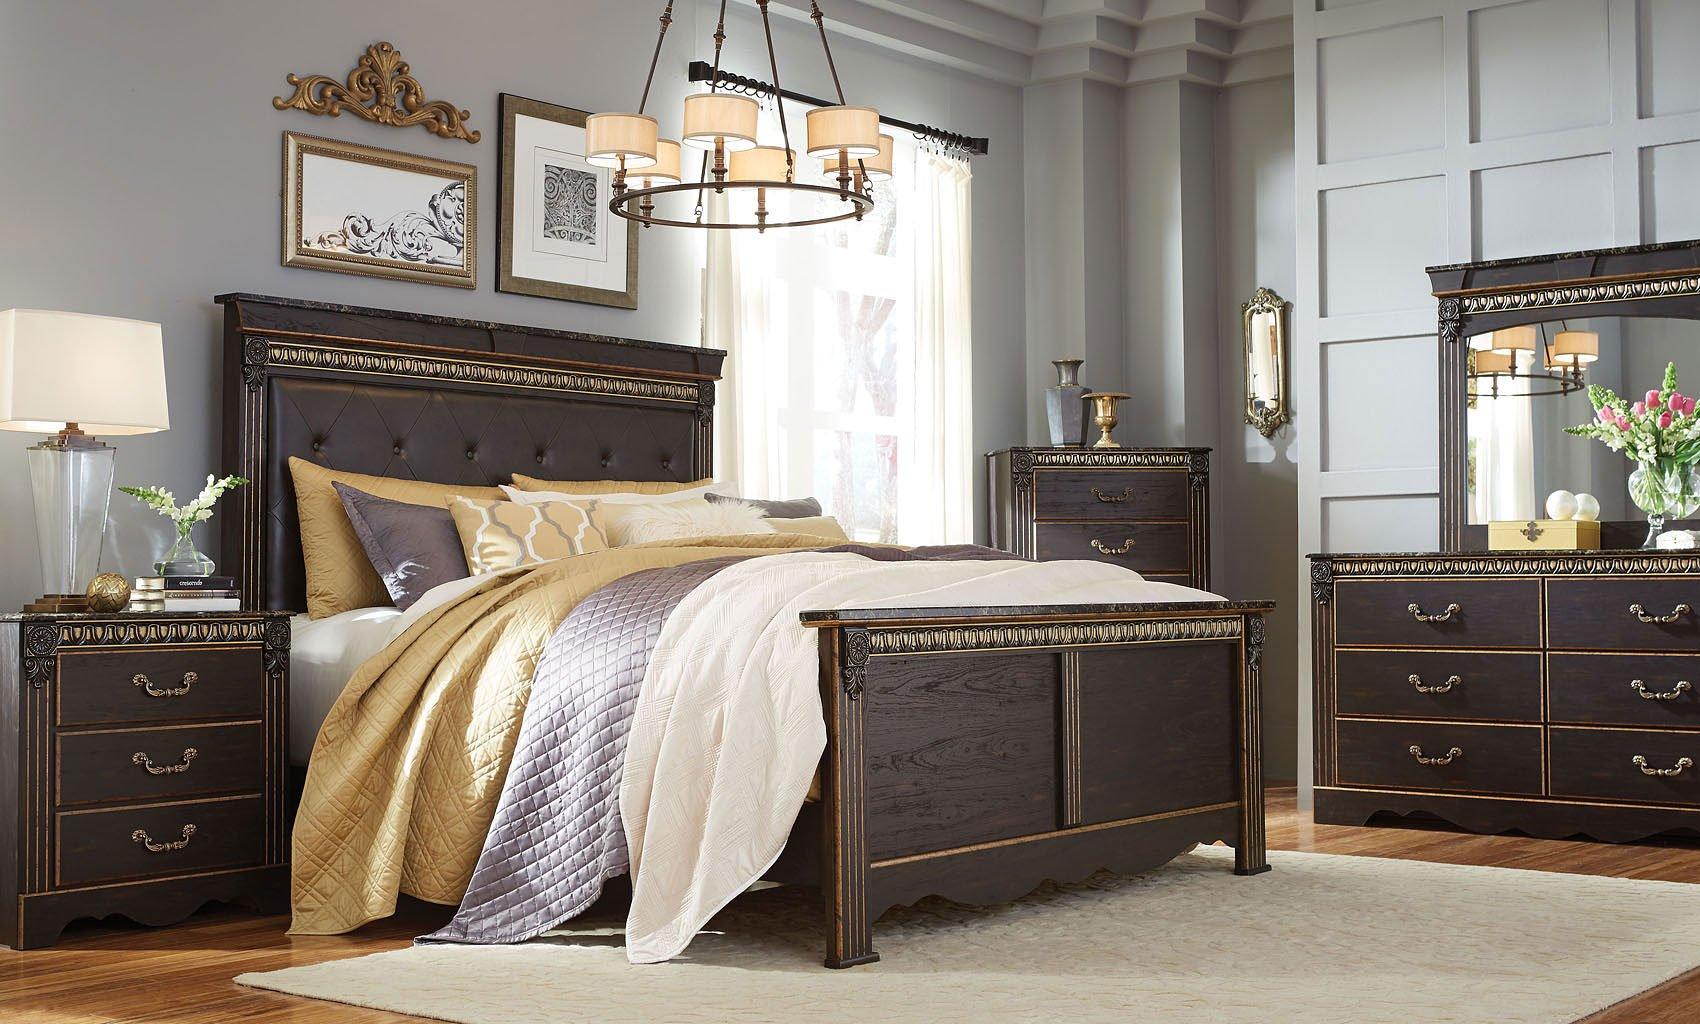 harviell panel bedroom set standard furniture furniture cart. Black Bedroom Furniture Sets. Home Design Ideas